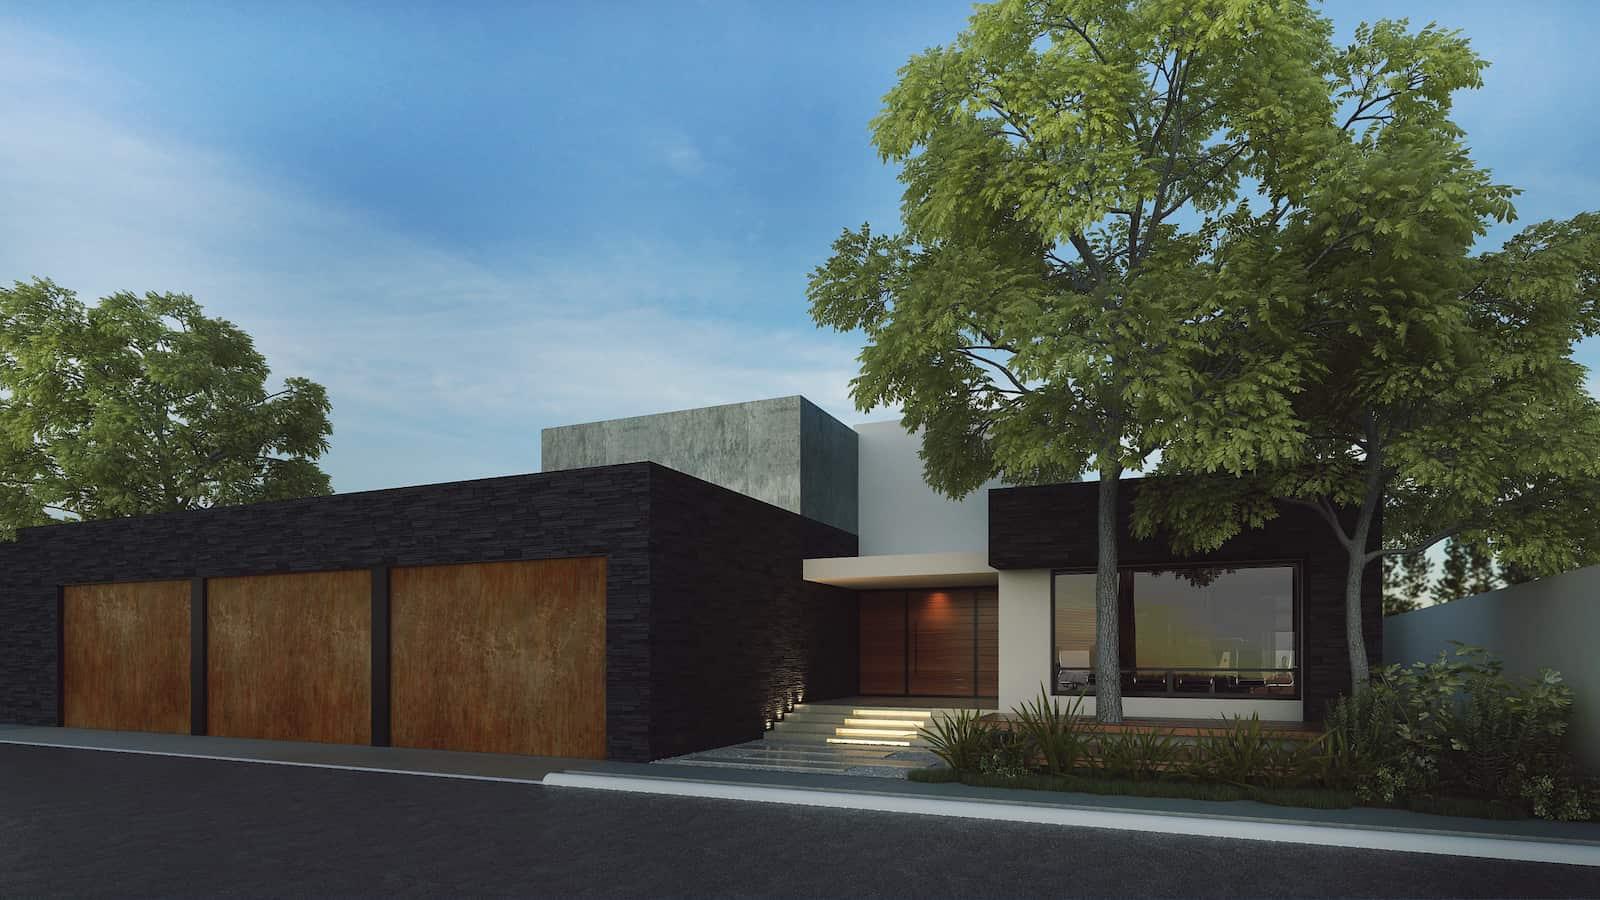 casa-von-raesfeld-fachada-principal